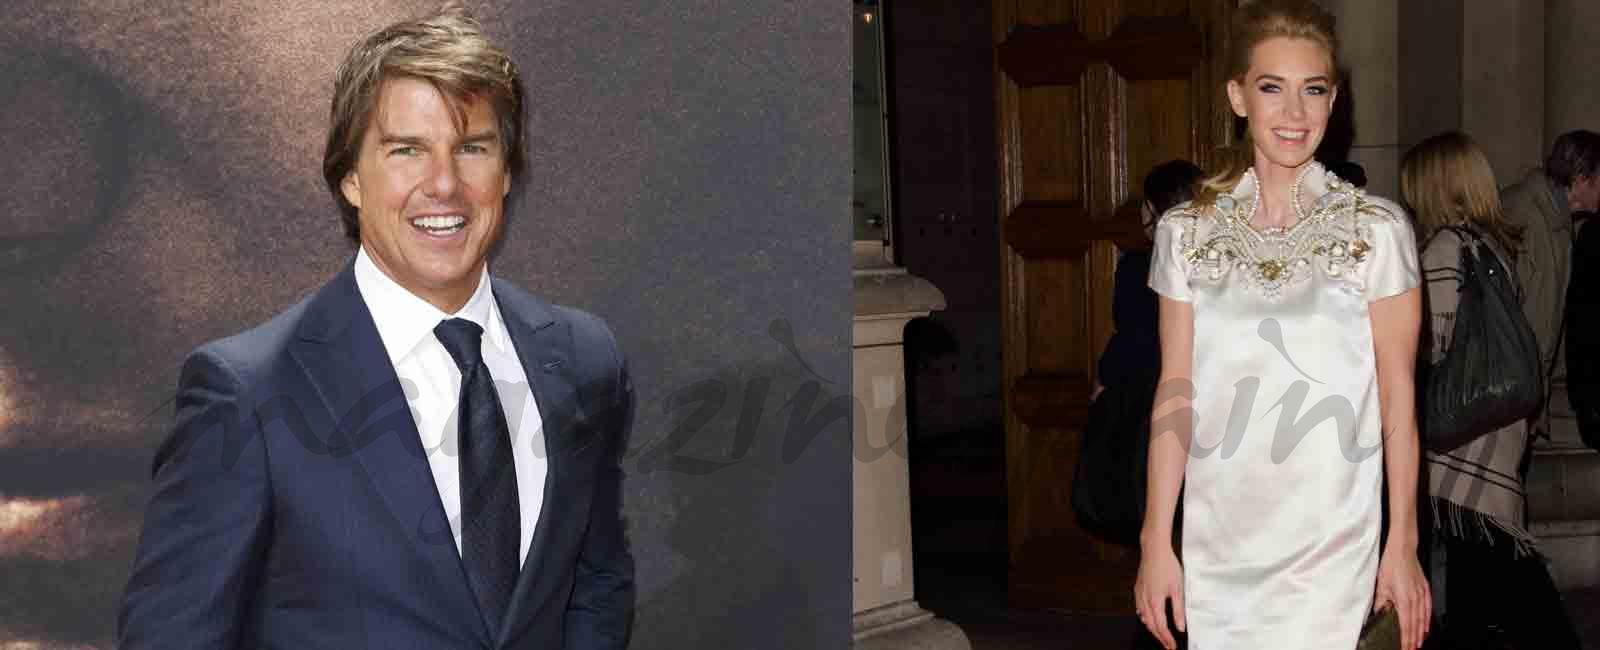 Tom Cruise podría anunciar su boda, con la actriz inglesa Vanessa Kirby